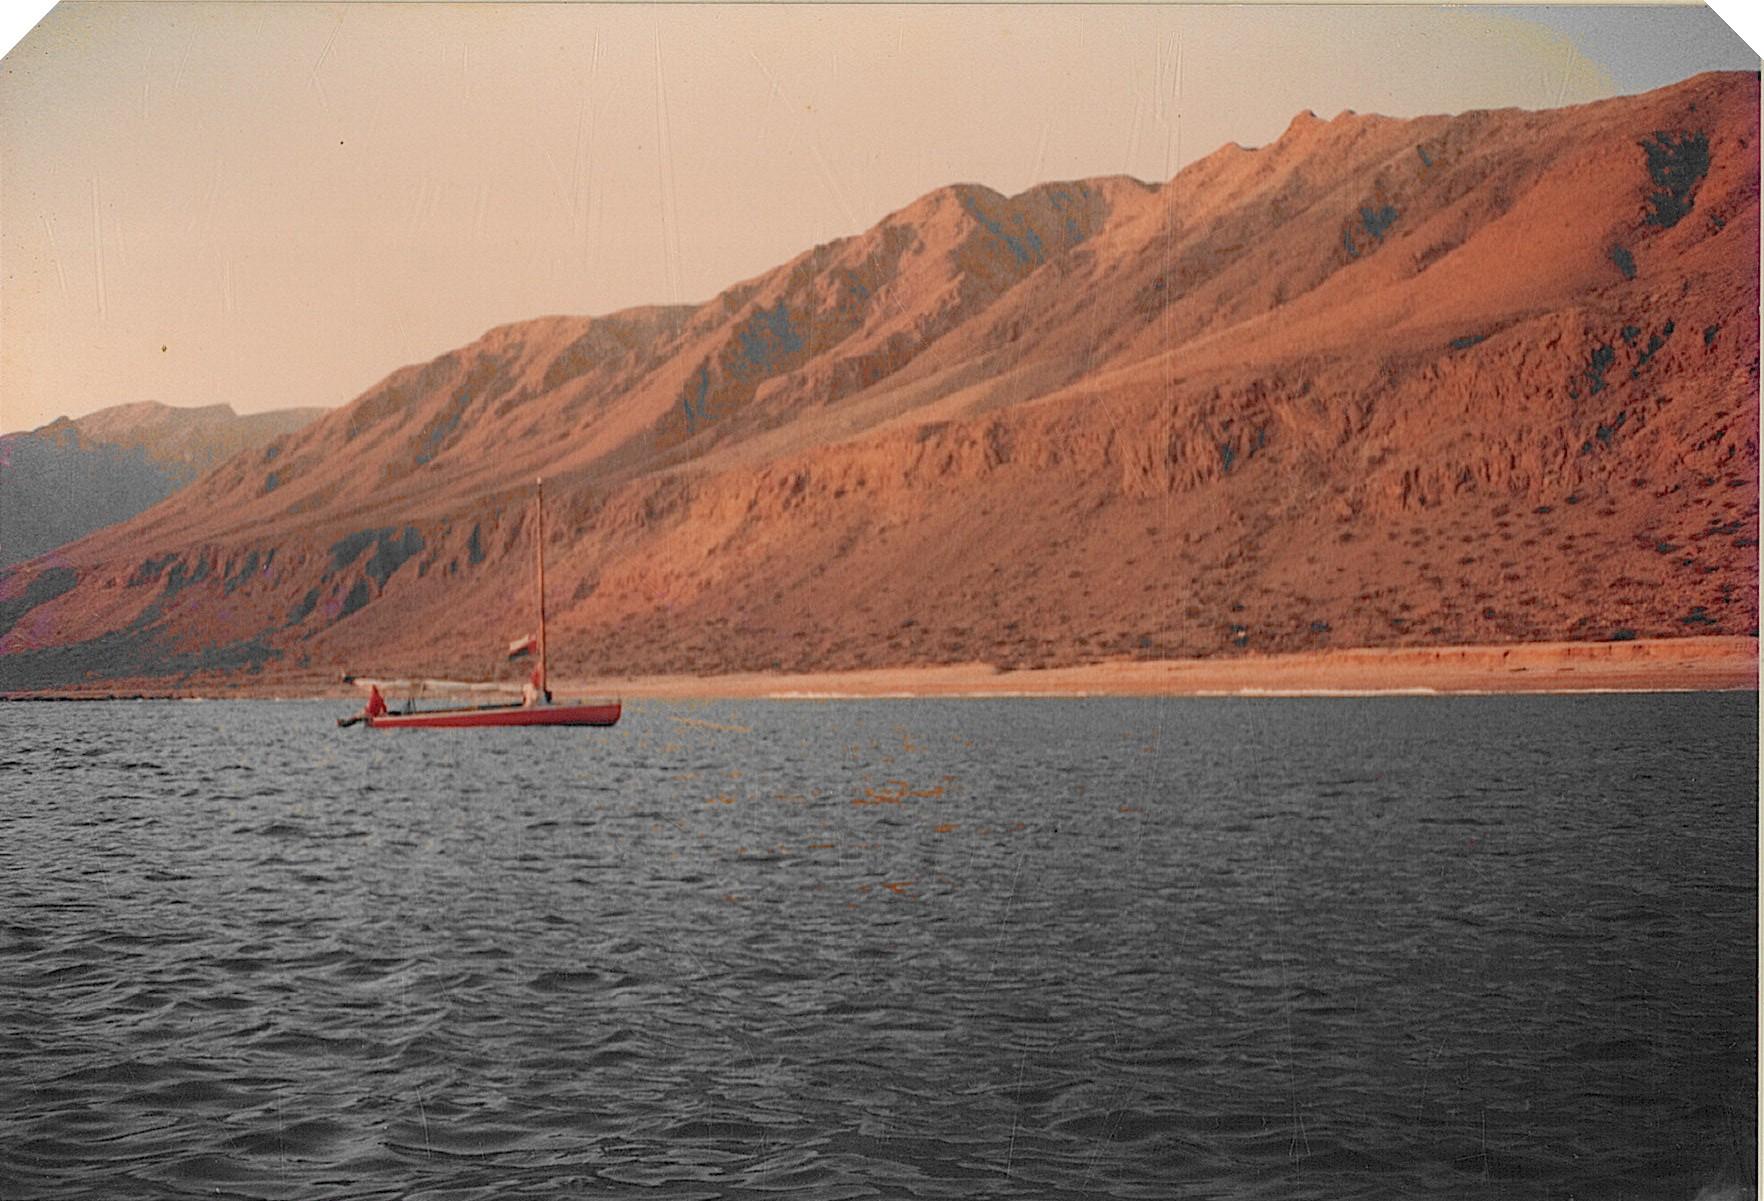 Hills on Oman Coastline